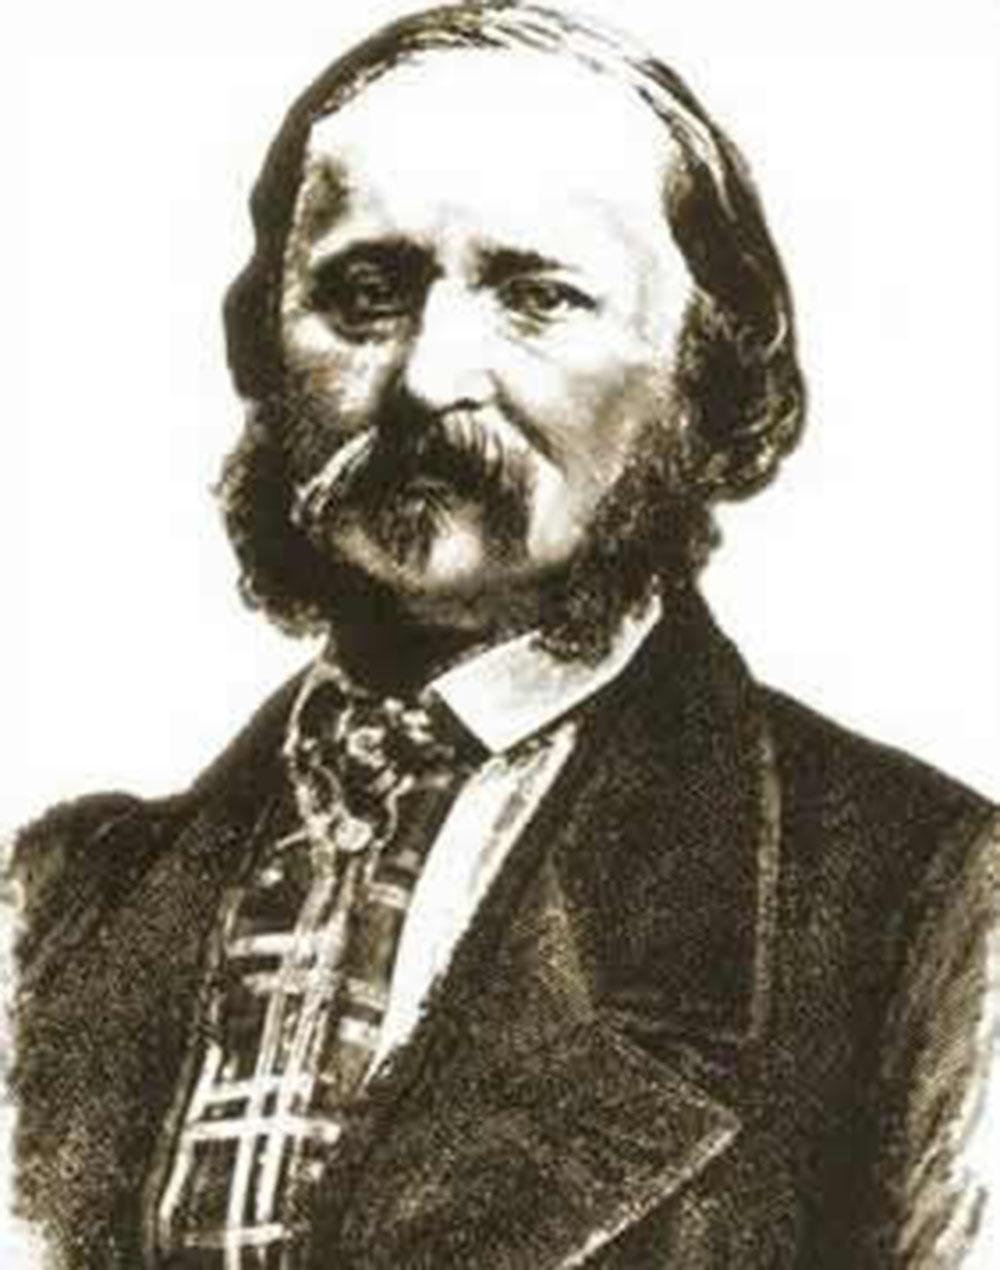 Portrait of French typographer Édouard-Léon Scott de Martinville, date unknown.